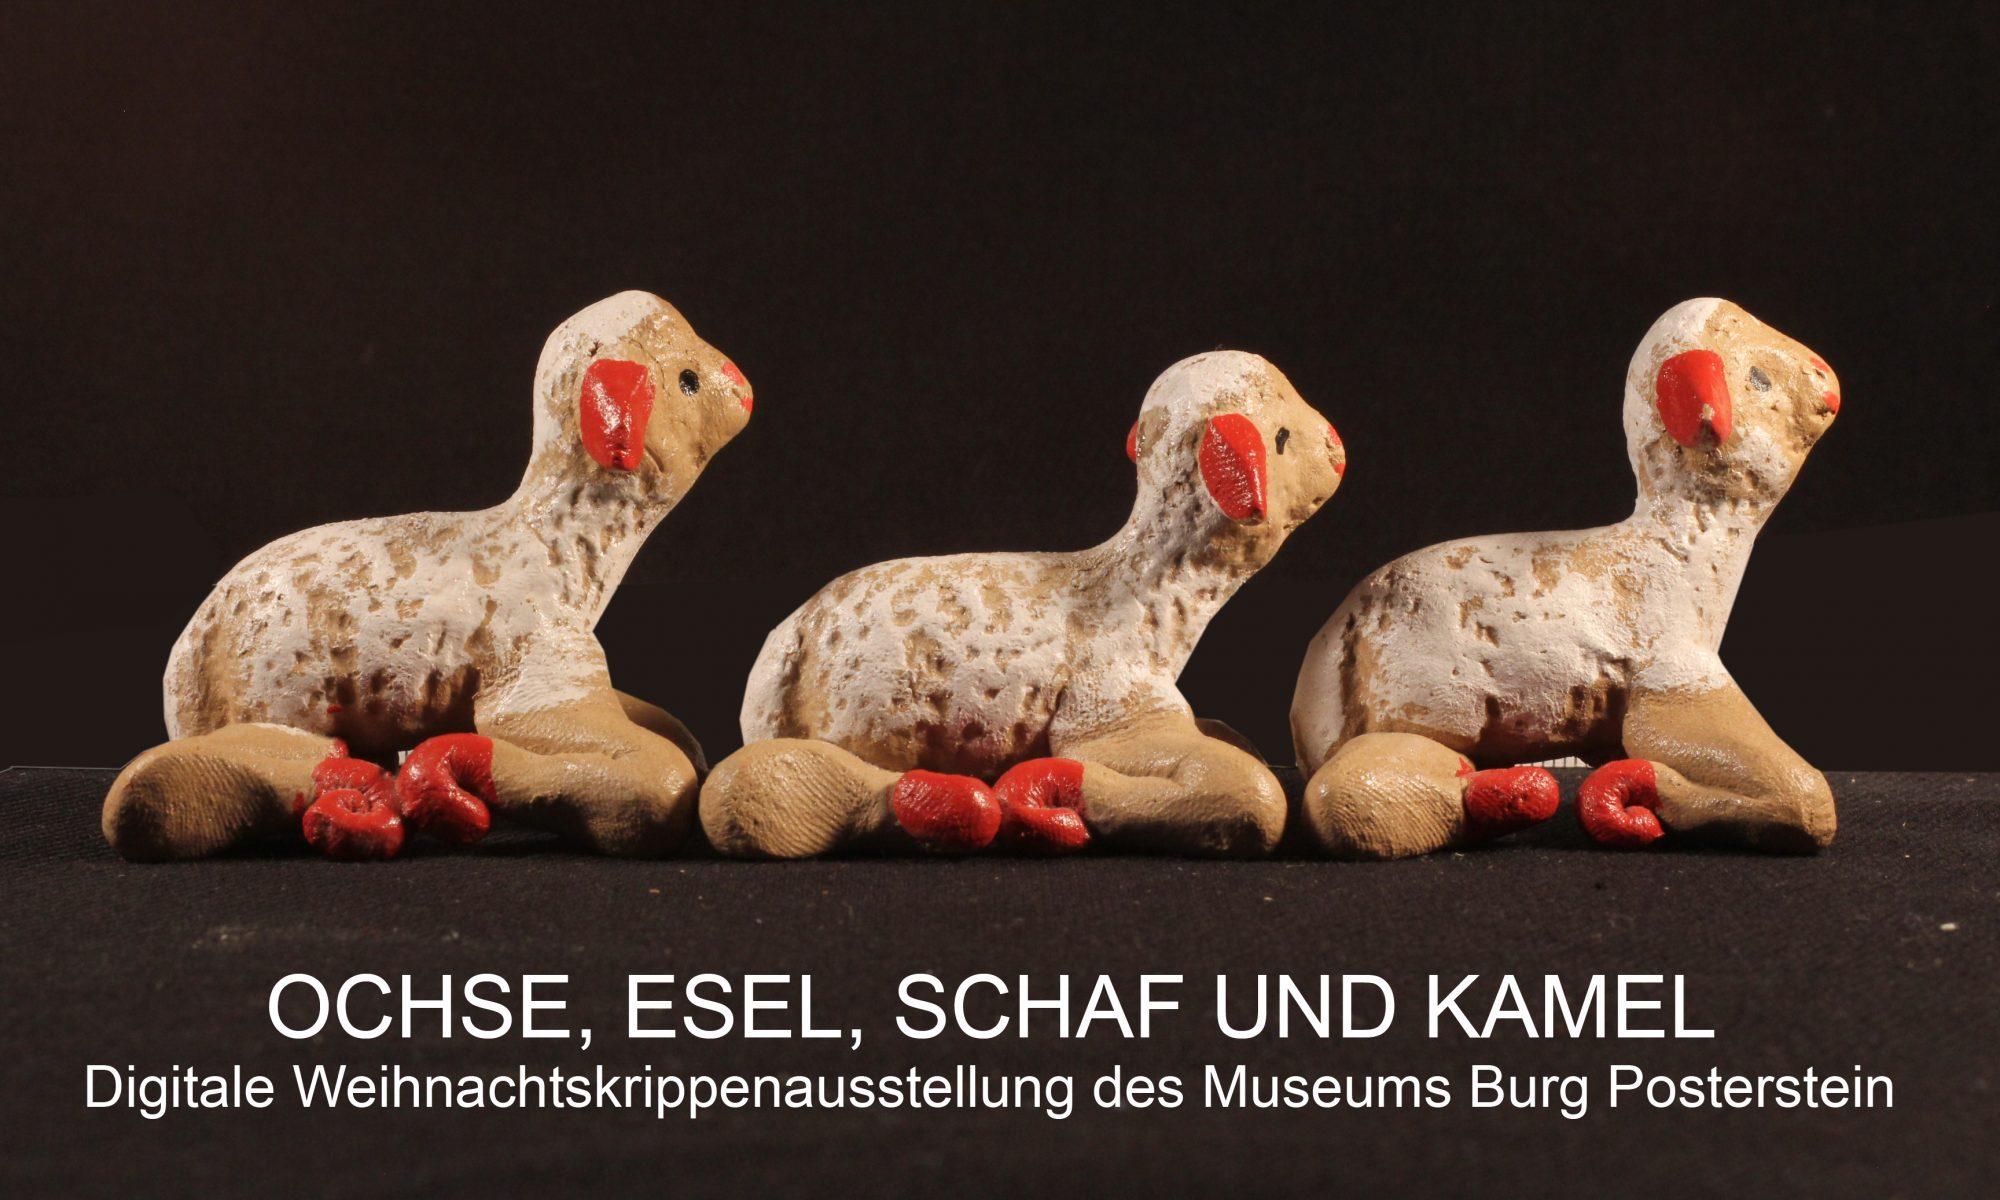 Banner digitale Weihnachtsausstellung auf Burg Posterstein - mit drei Schafen